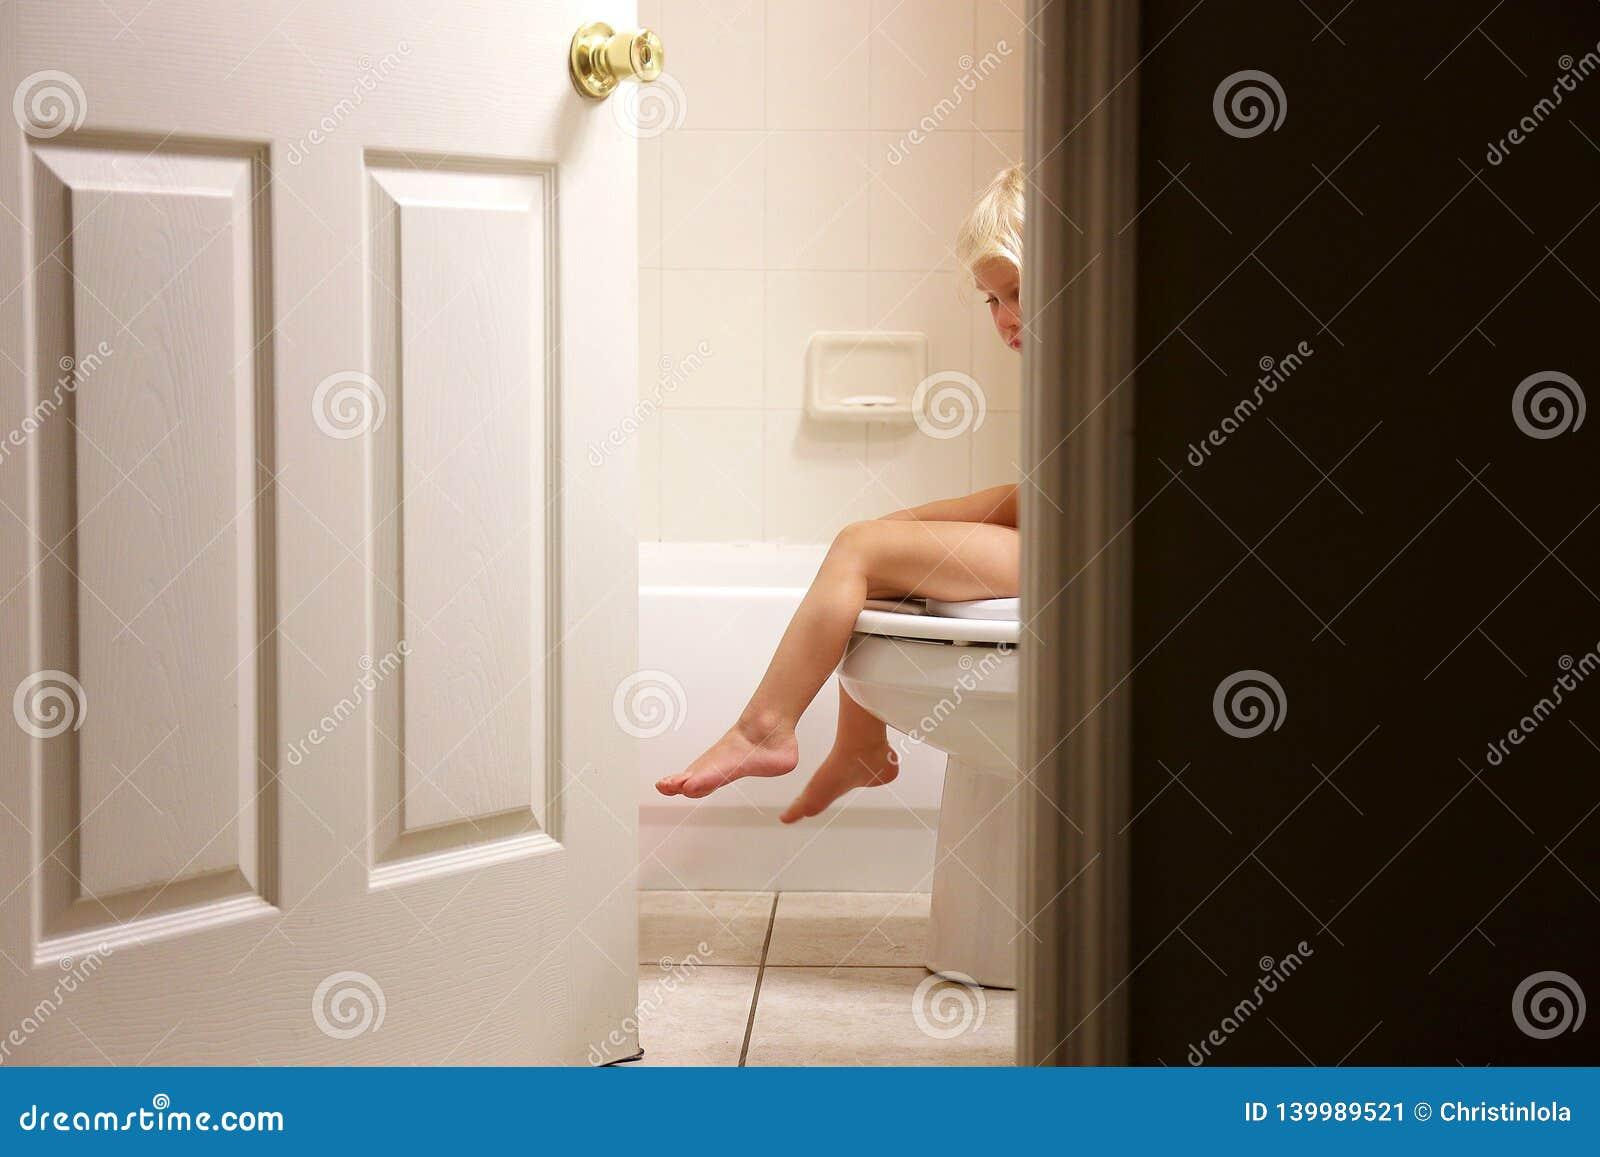 Beine des kleinen Kleinkind-Kindes, das über Toilette während kinderleichtes Training im Badezimmer baumelt